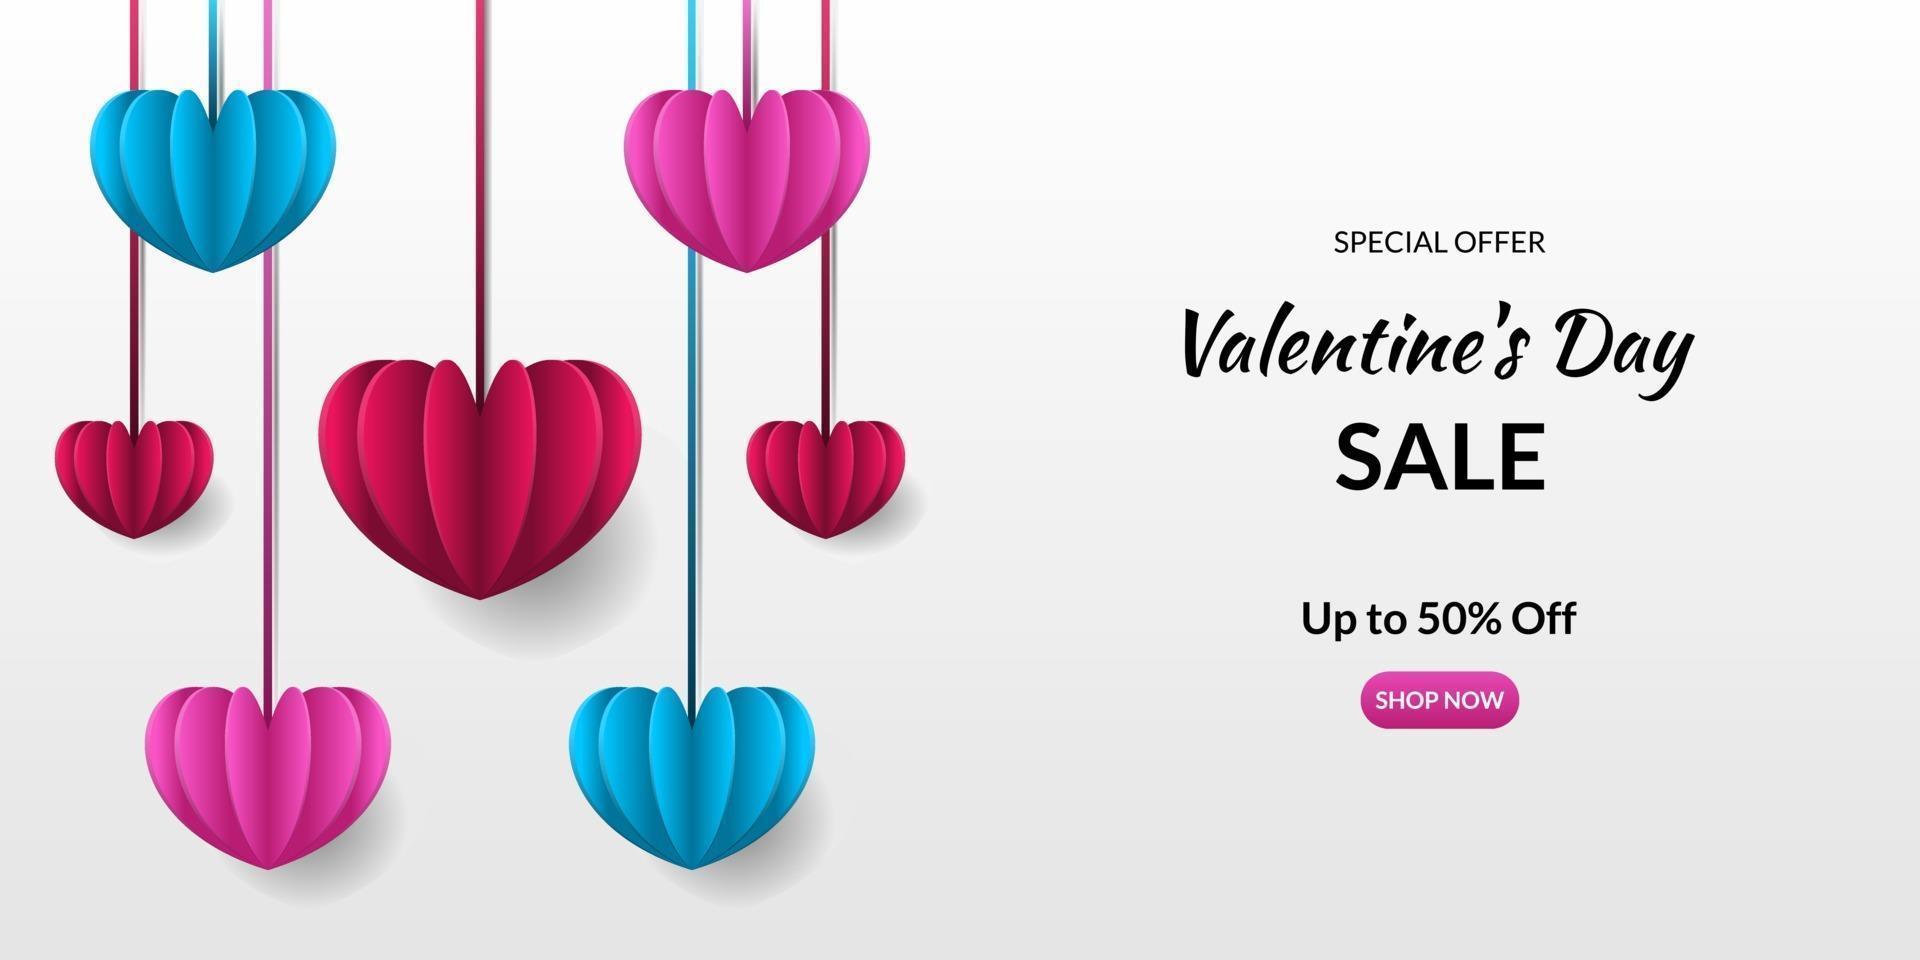 romantischer Valentinstaghintergrund vektor